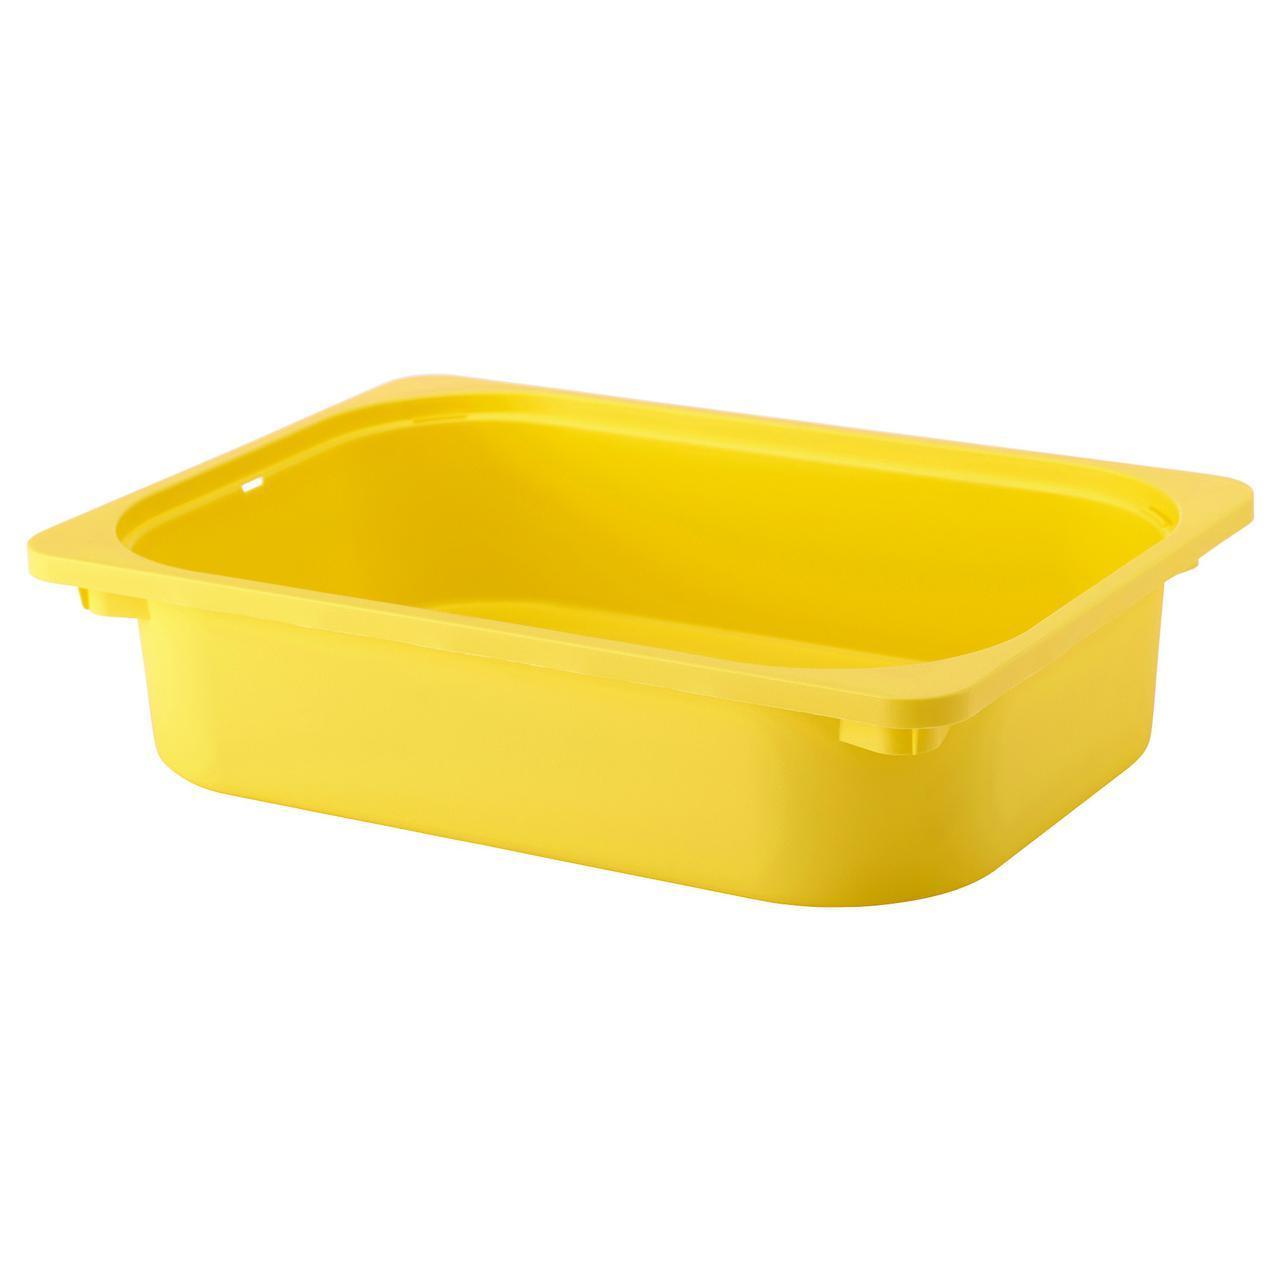 IKEA TROFAST (503.080.02) Контейнер желтый